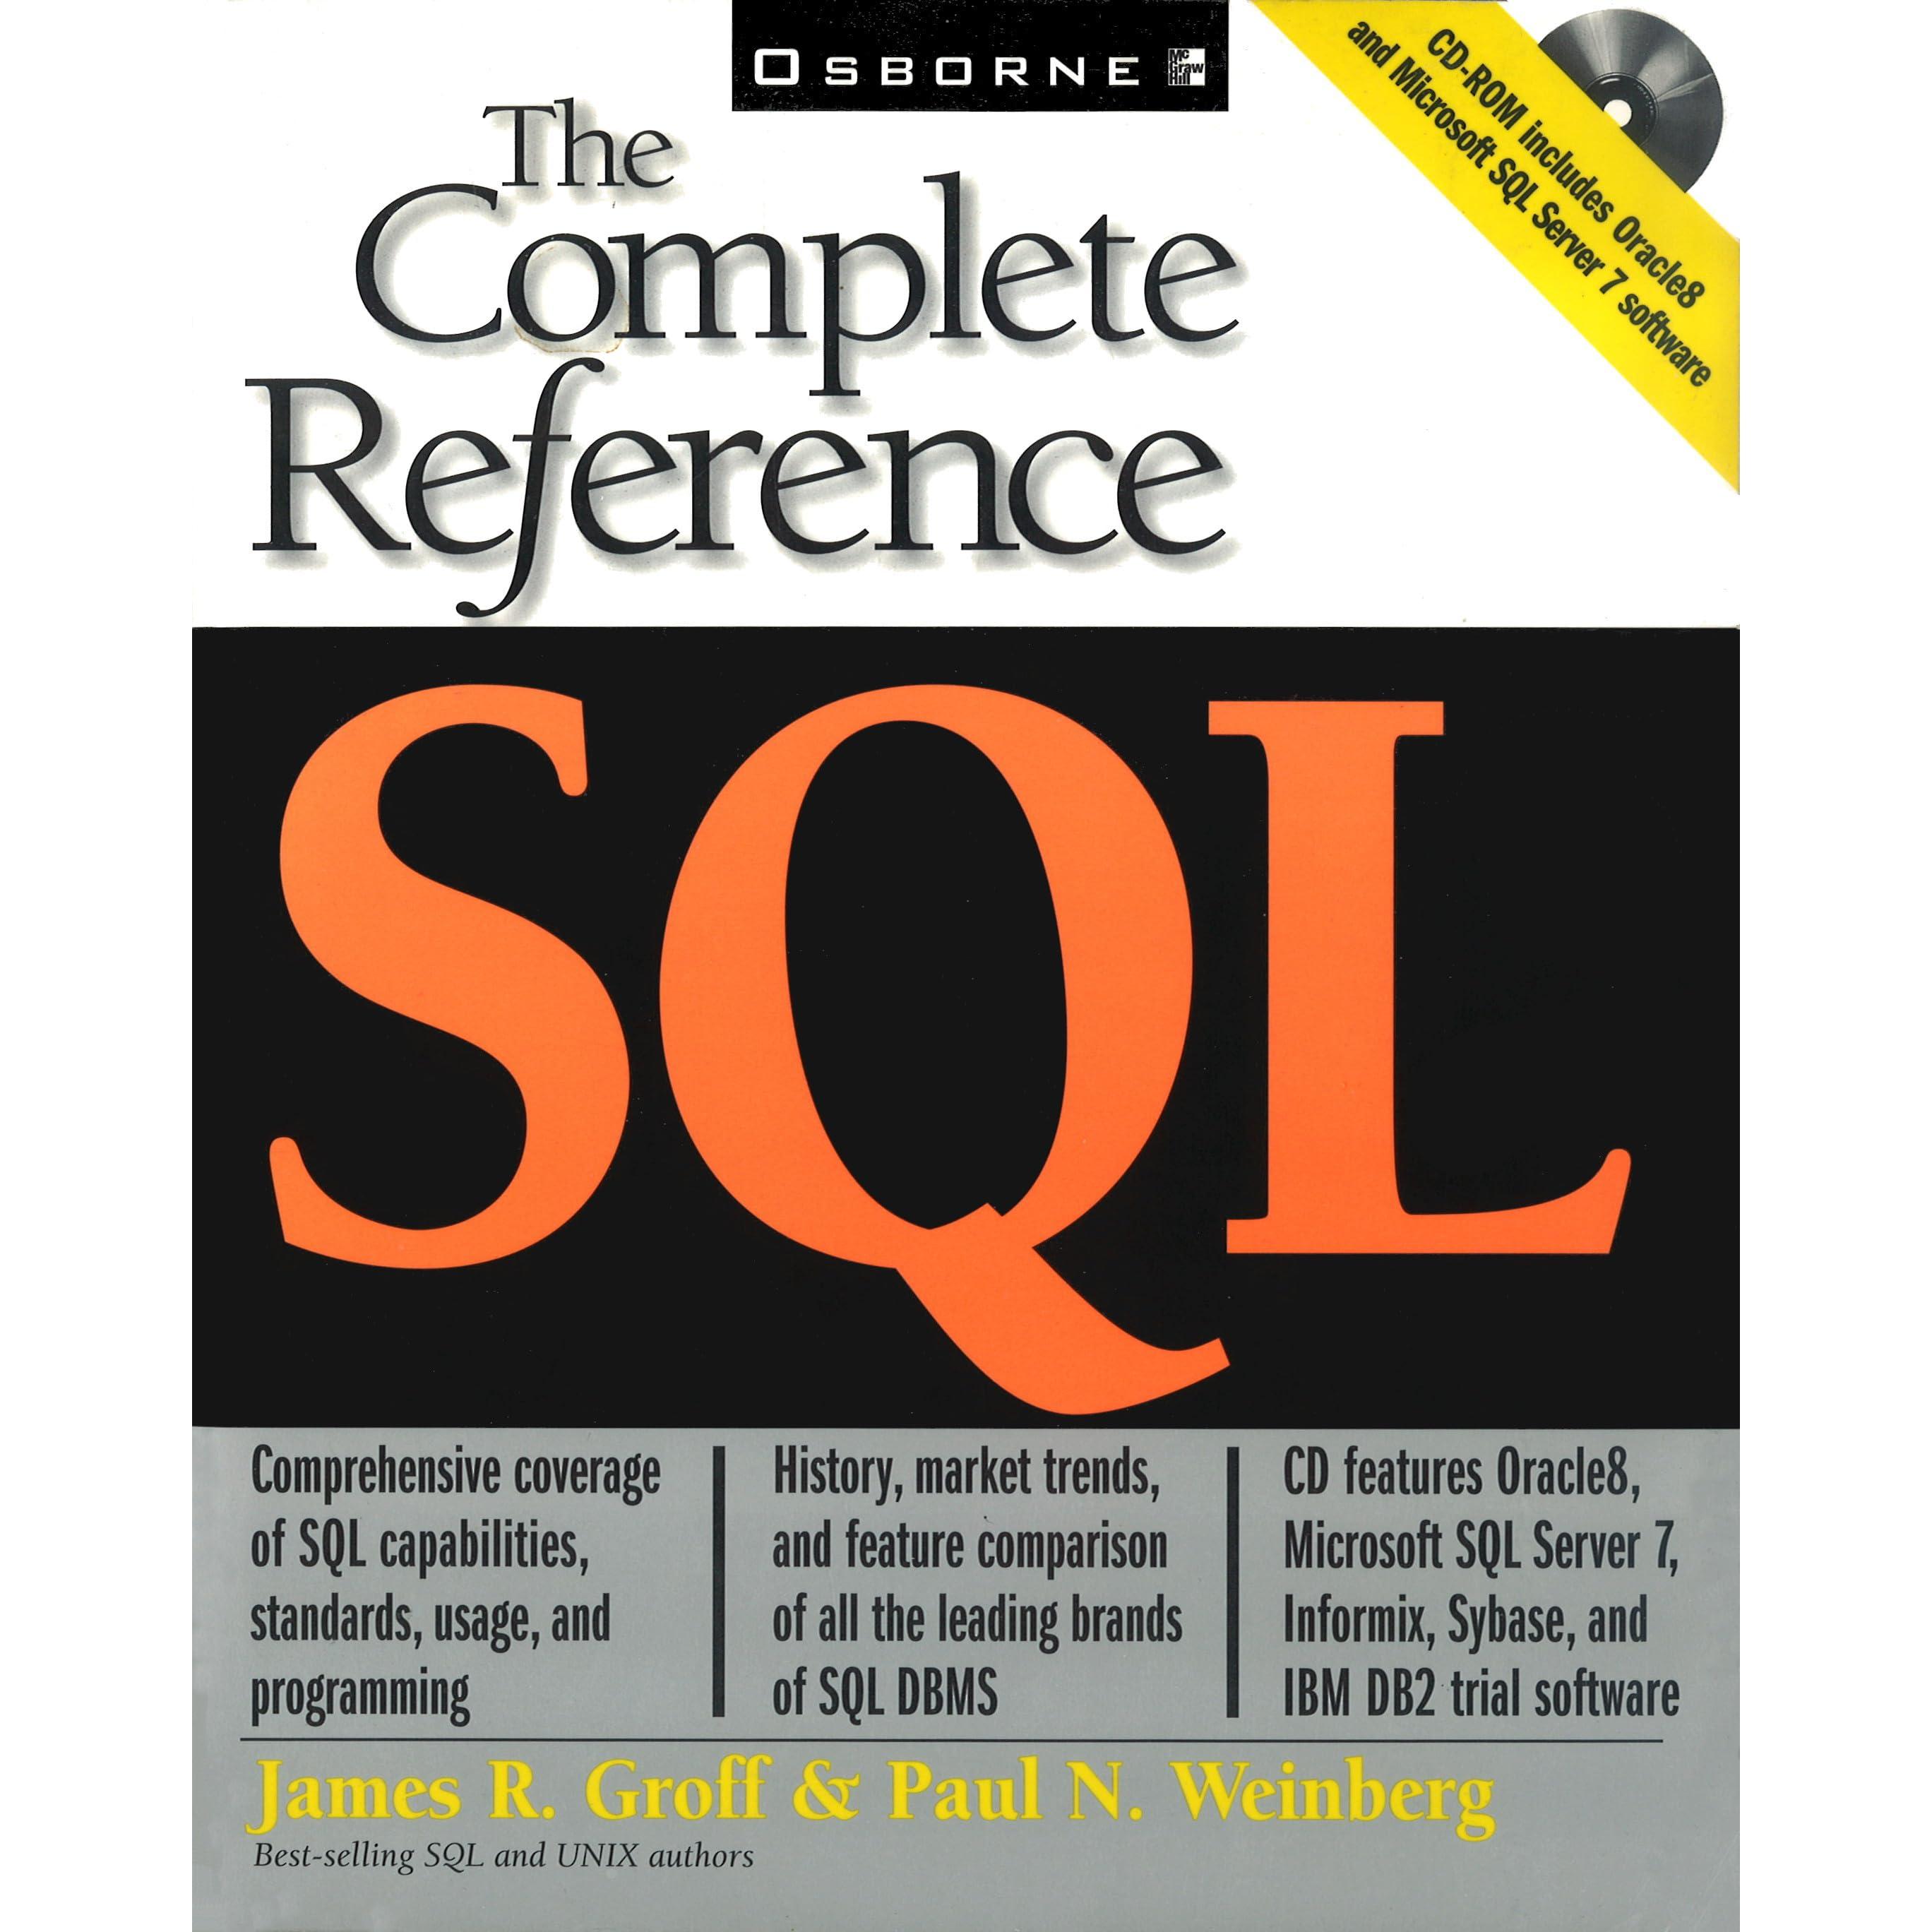 SQL SERVER COMPLETE REFERENCE DOWNLOAD